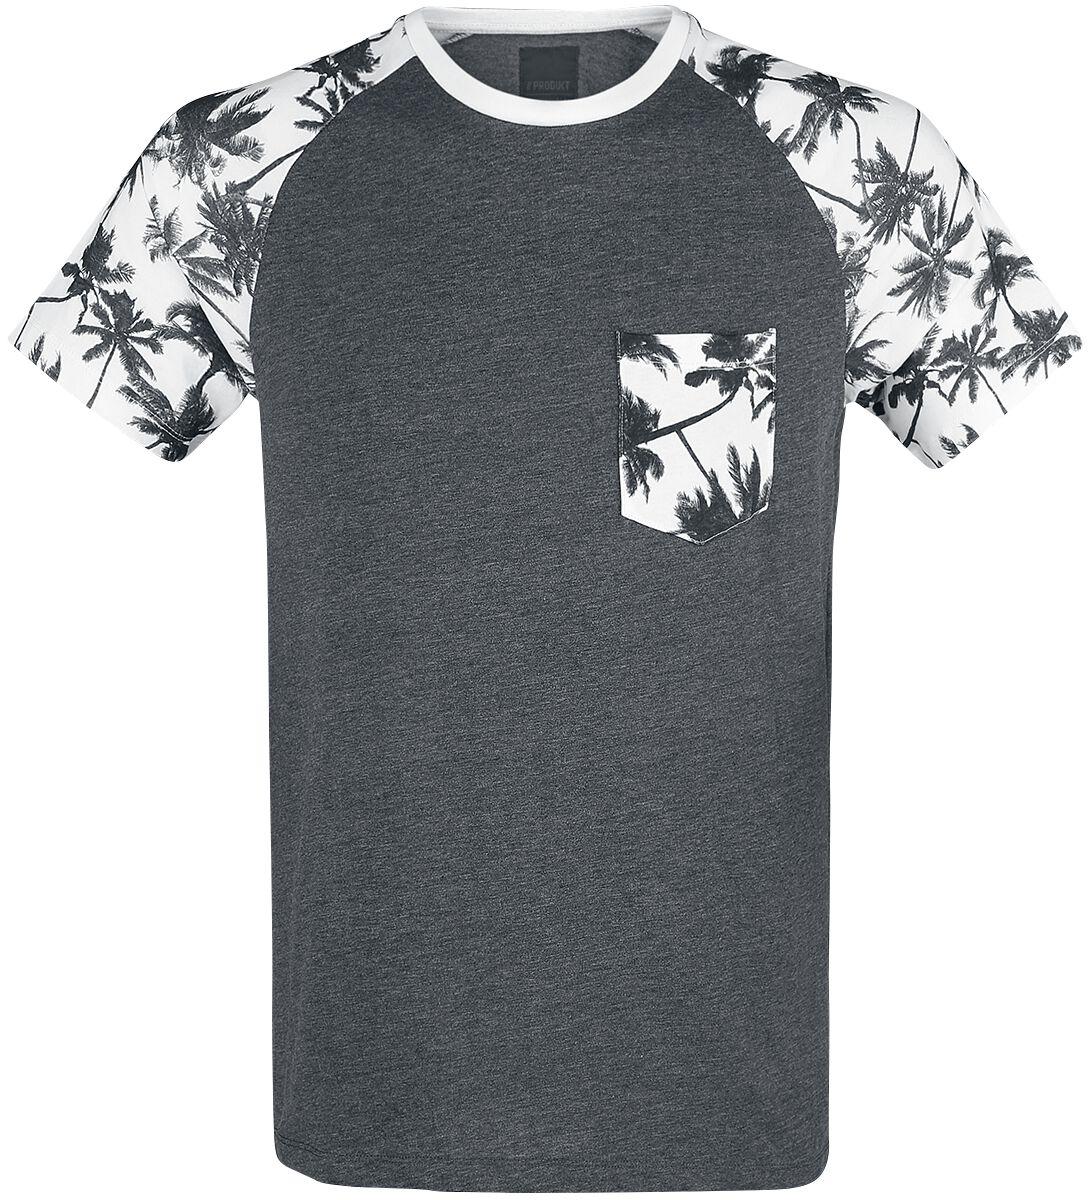 Marki - Koszulki - T-Shirt Produkt Palm Raglan Tee T-Shirt odcienie ciemnoszarego - 365801